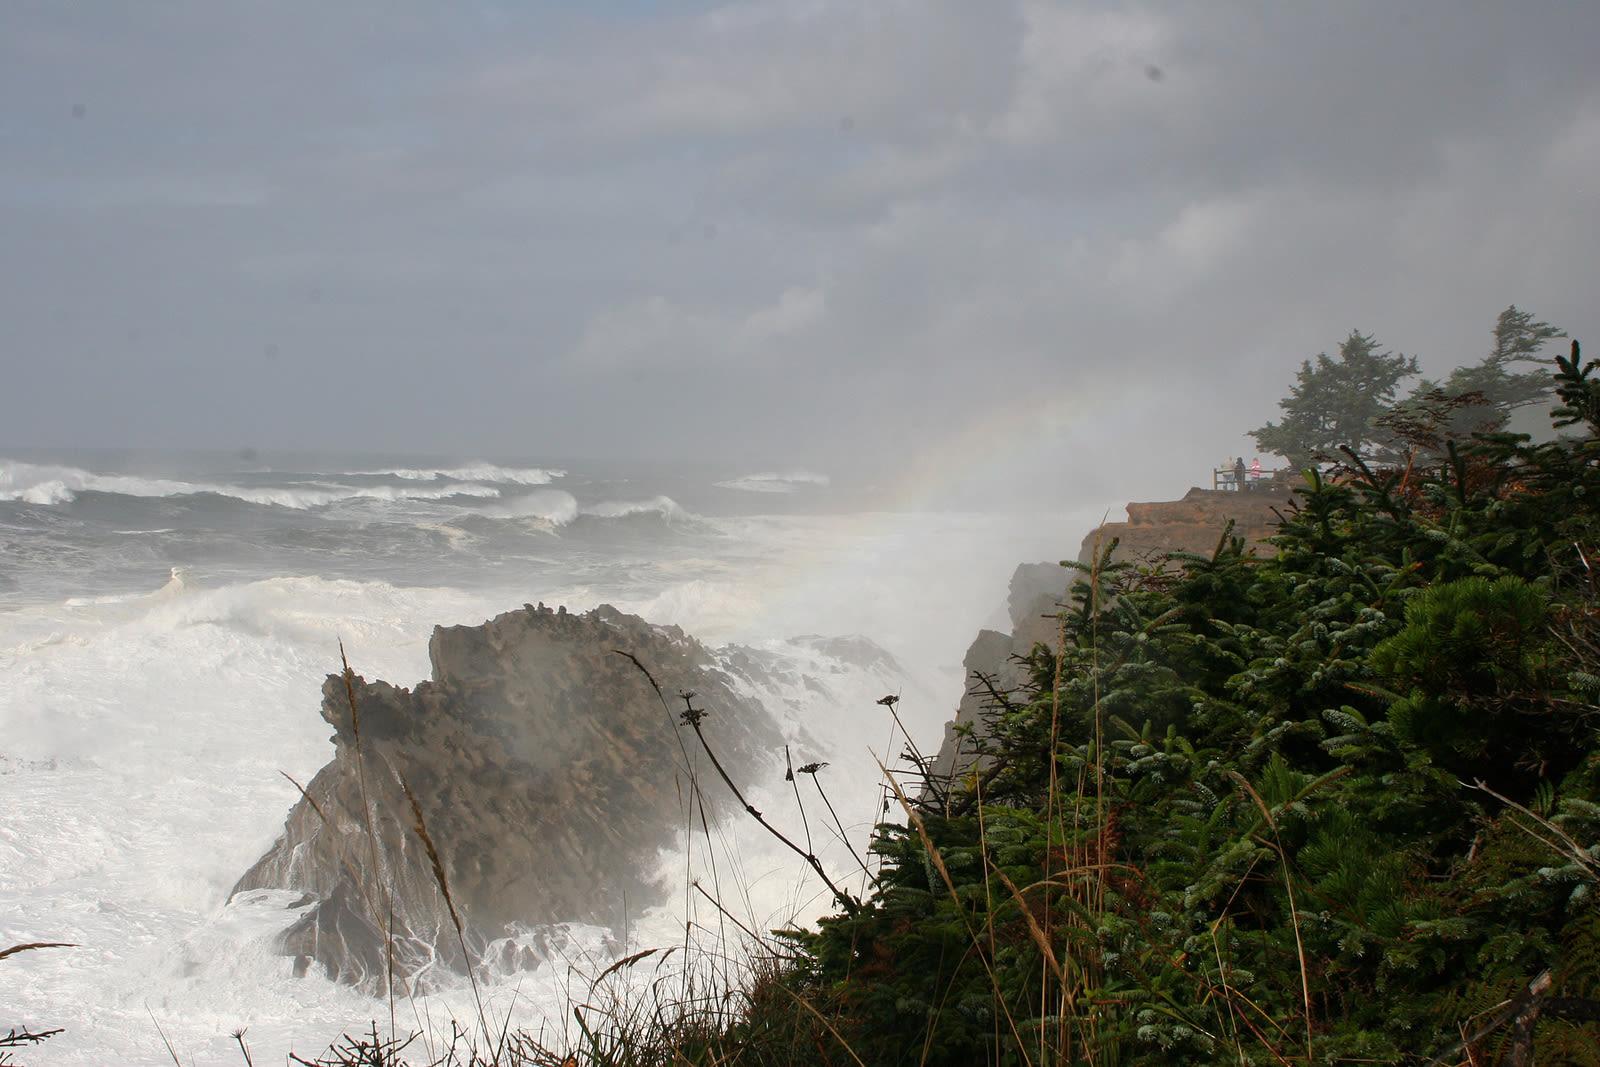 Oregon coast storm joanna bourne m54ok0